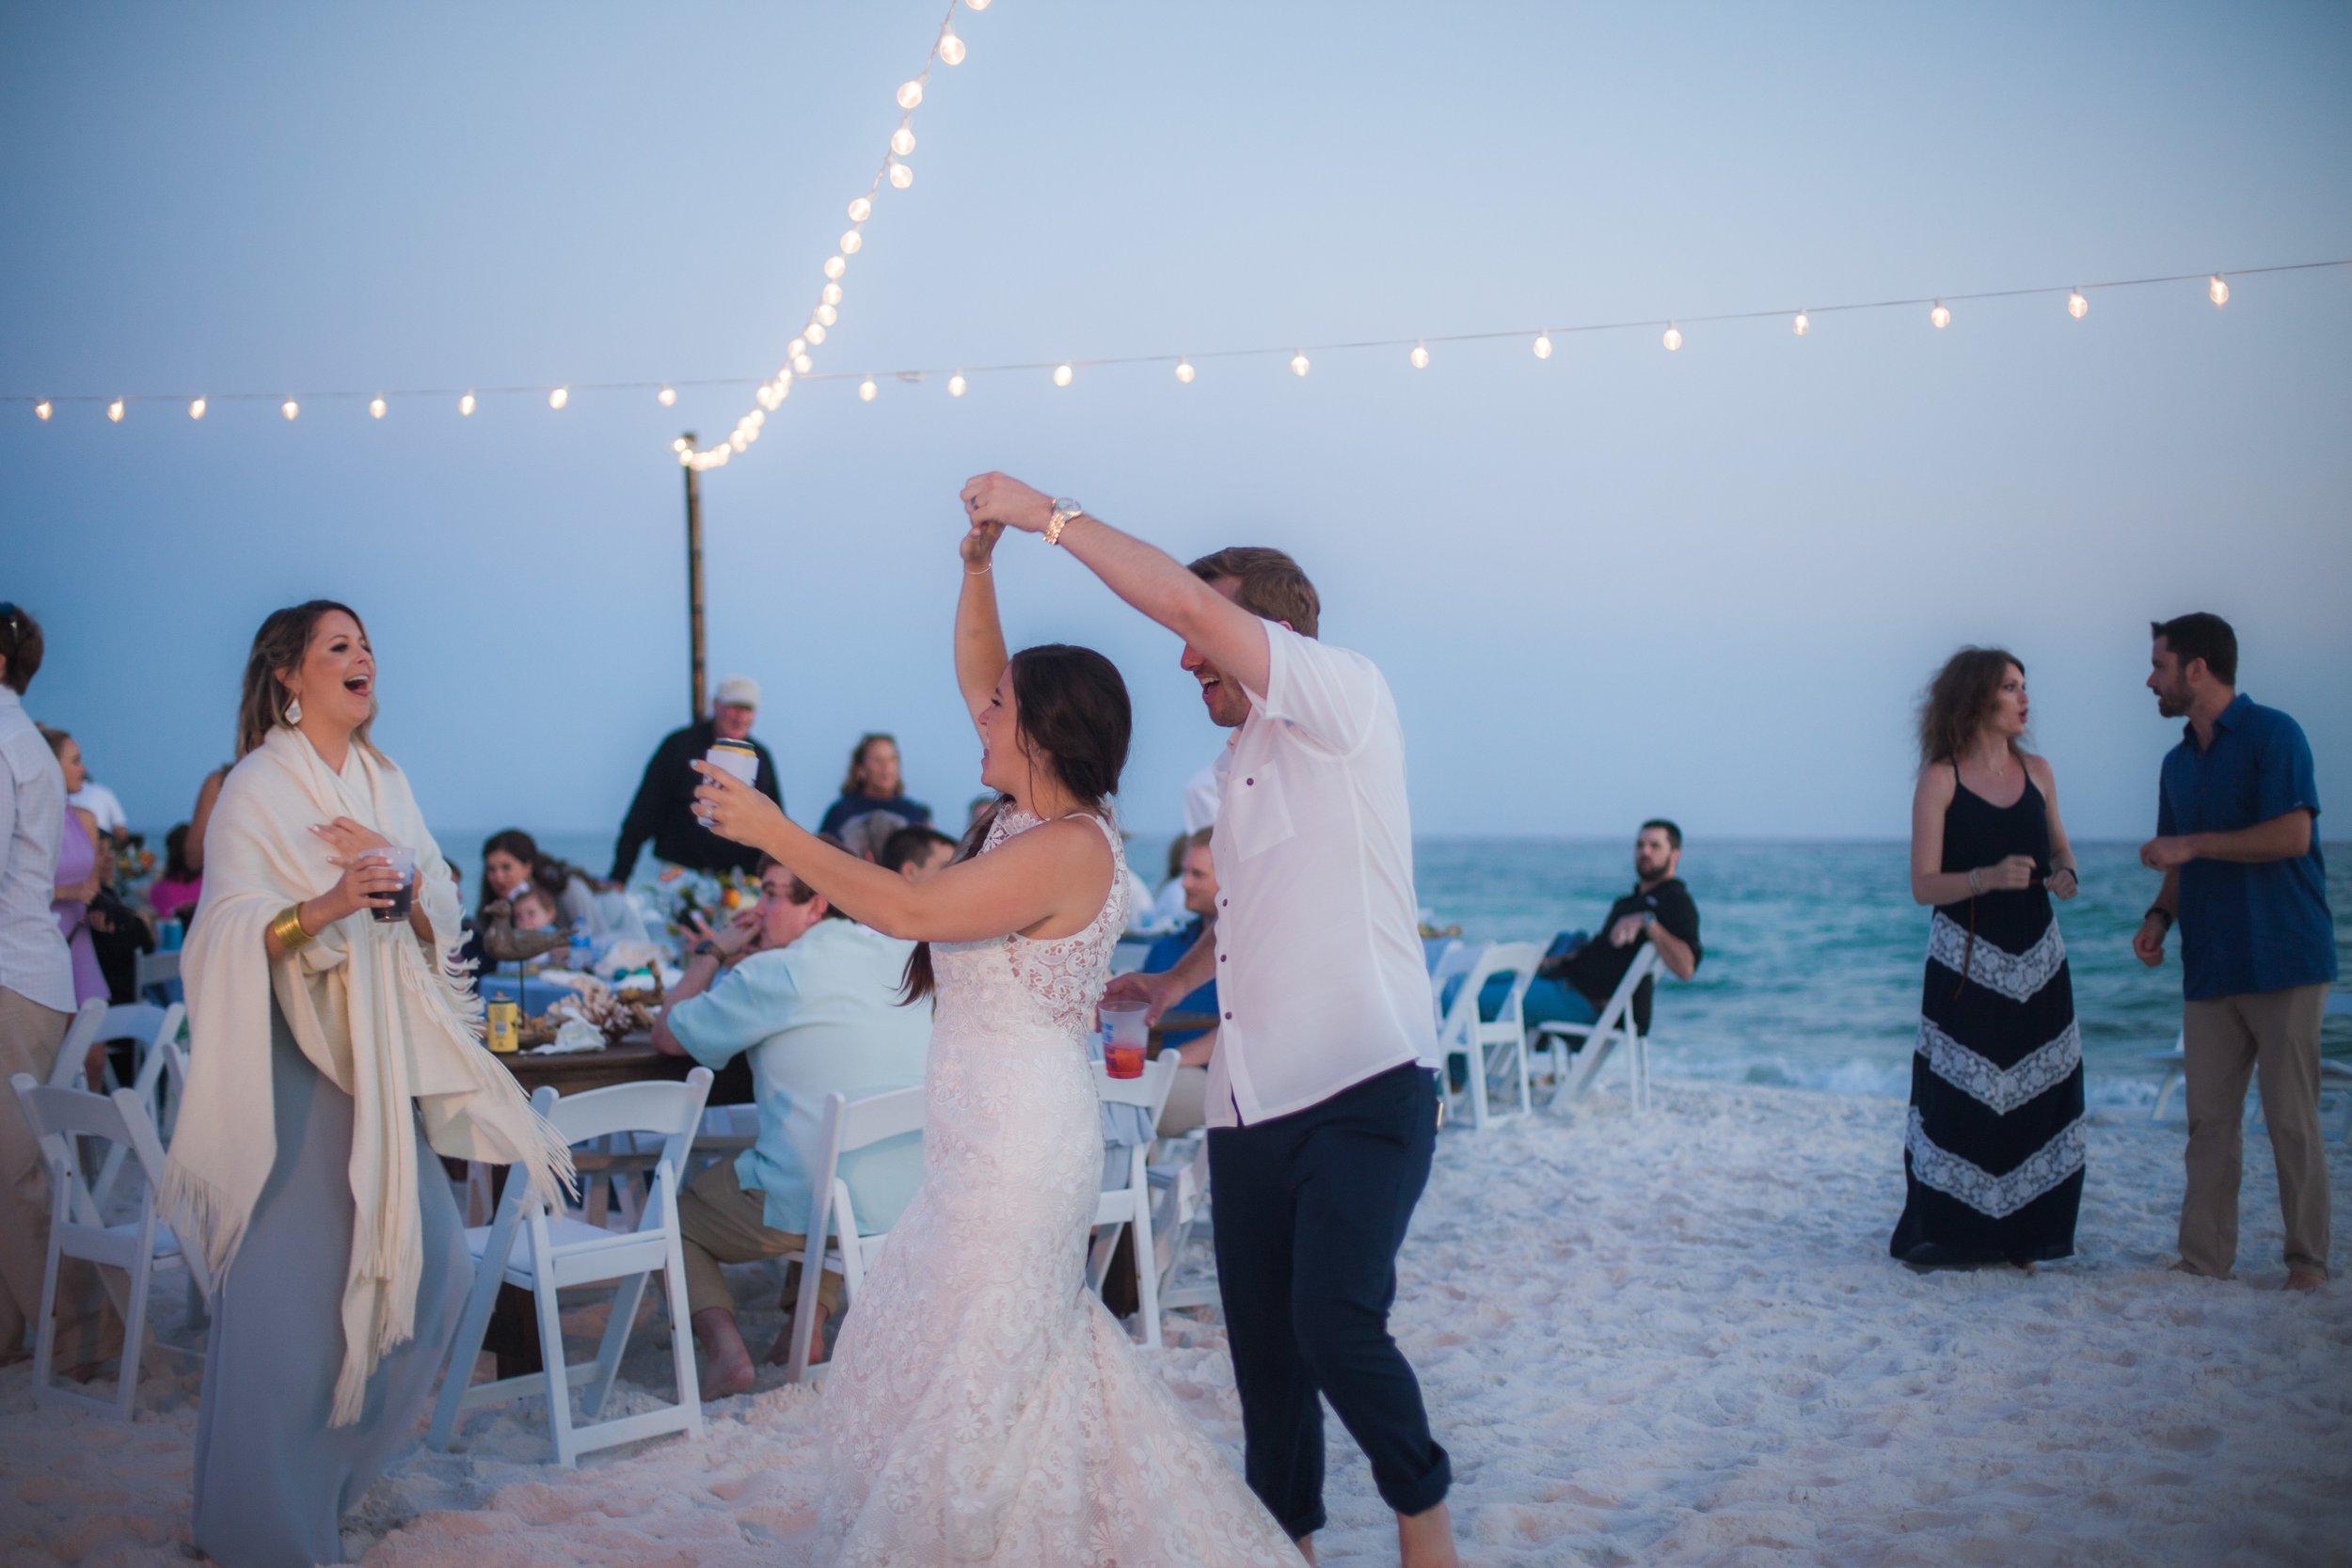 30a-Destin-Florida-Wedding-Photography-Caydee-Matt_0119.jpg